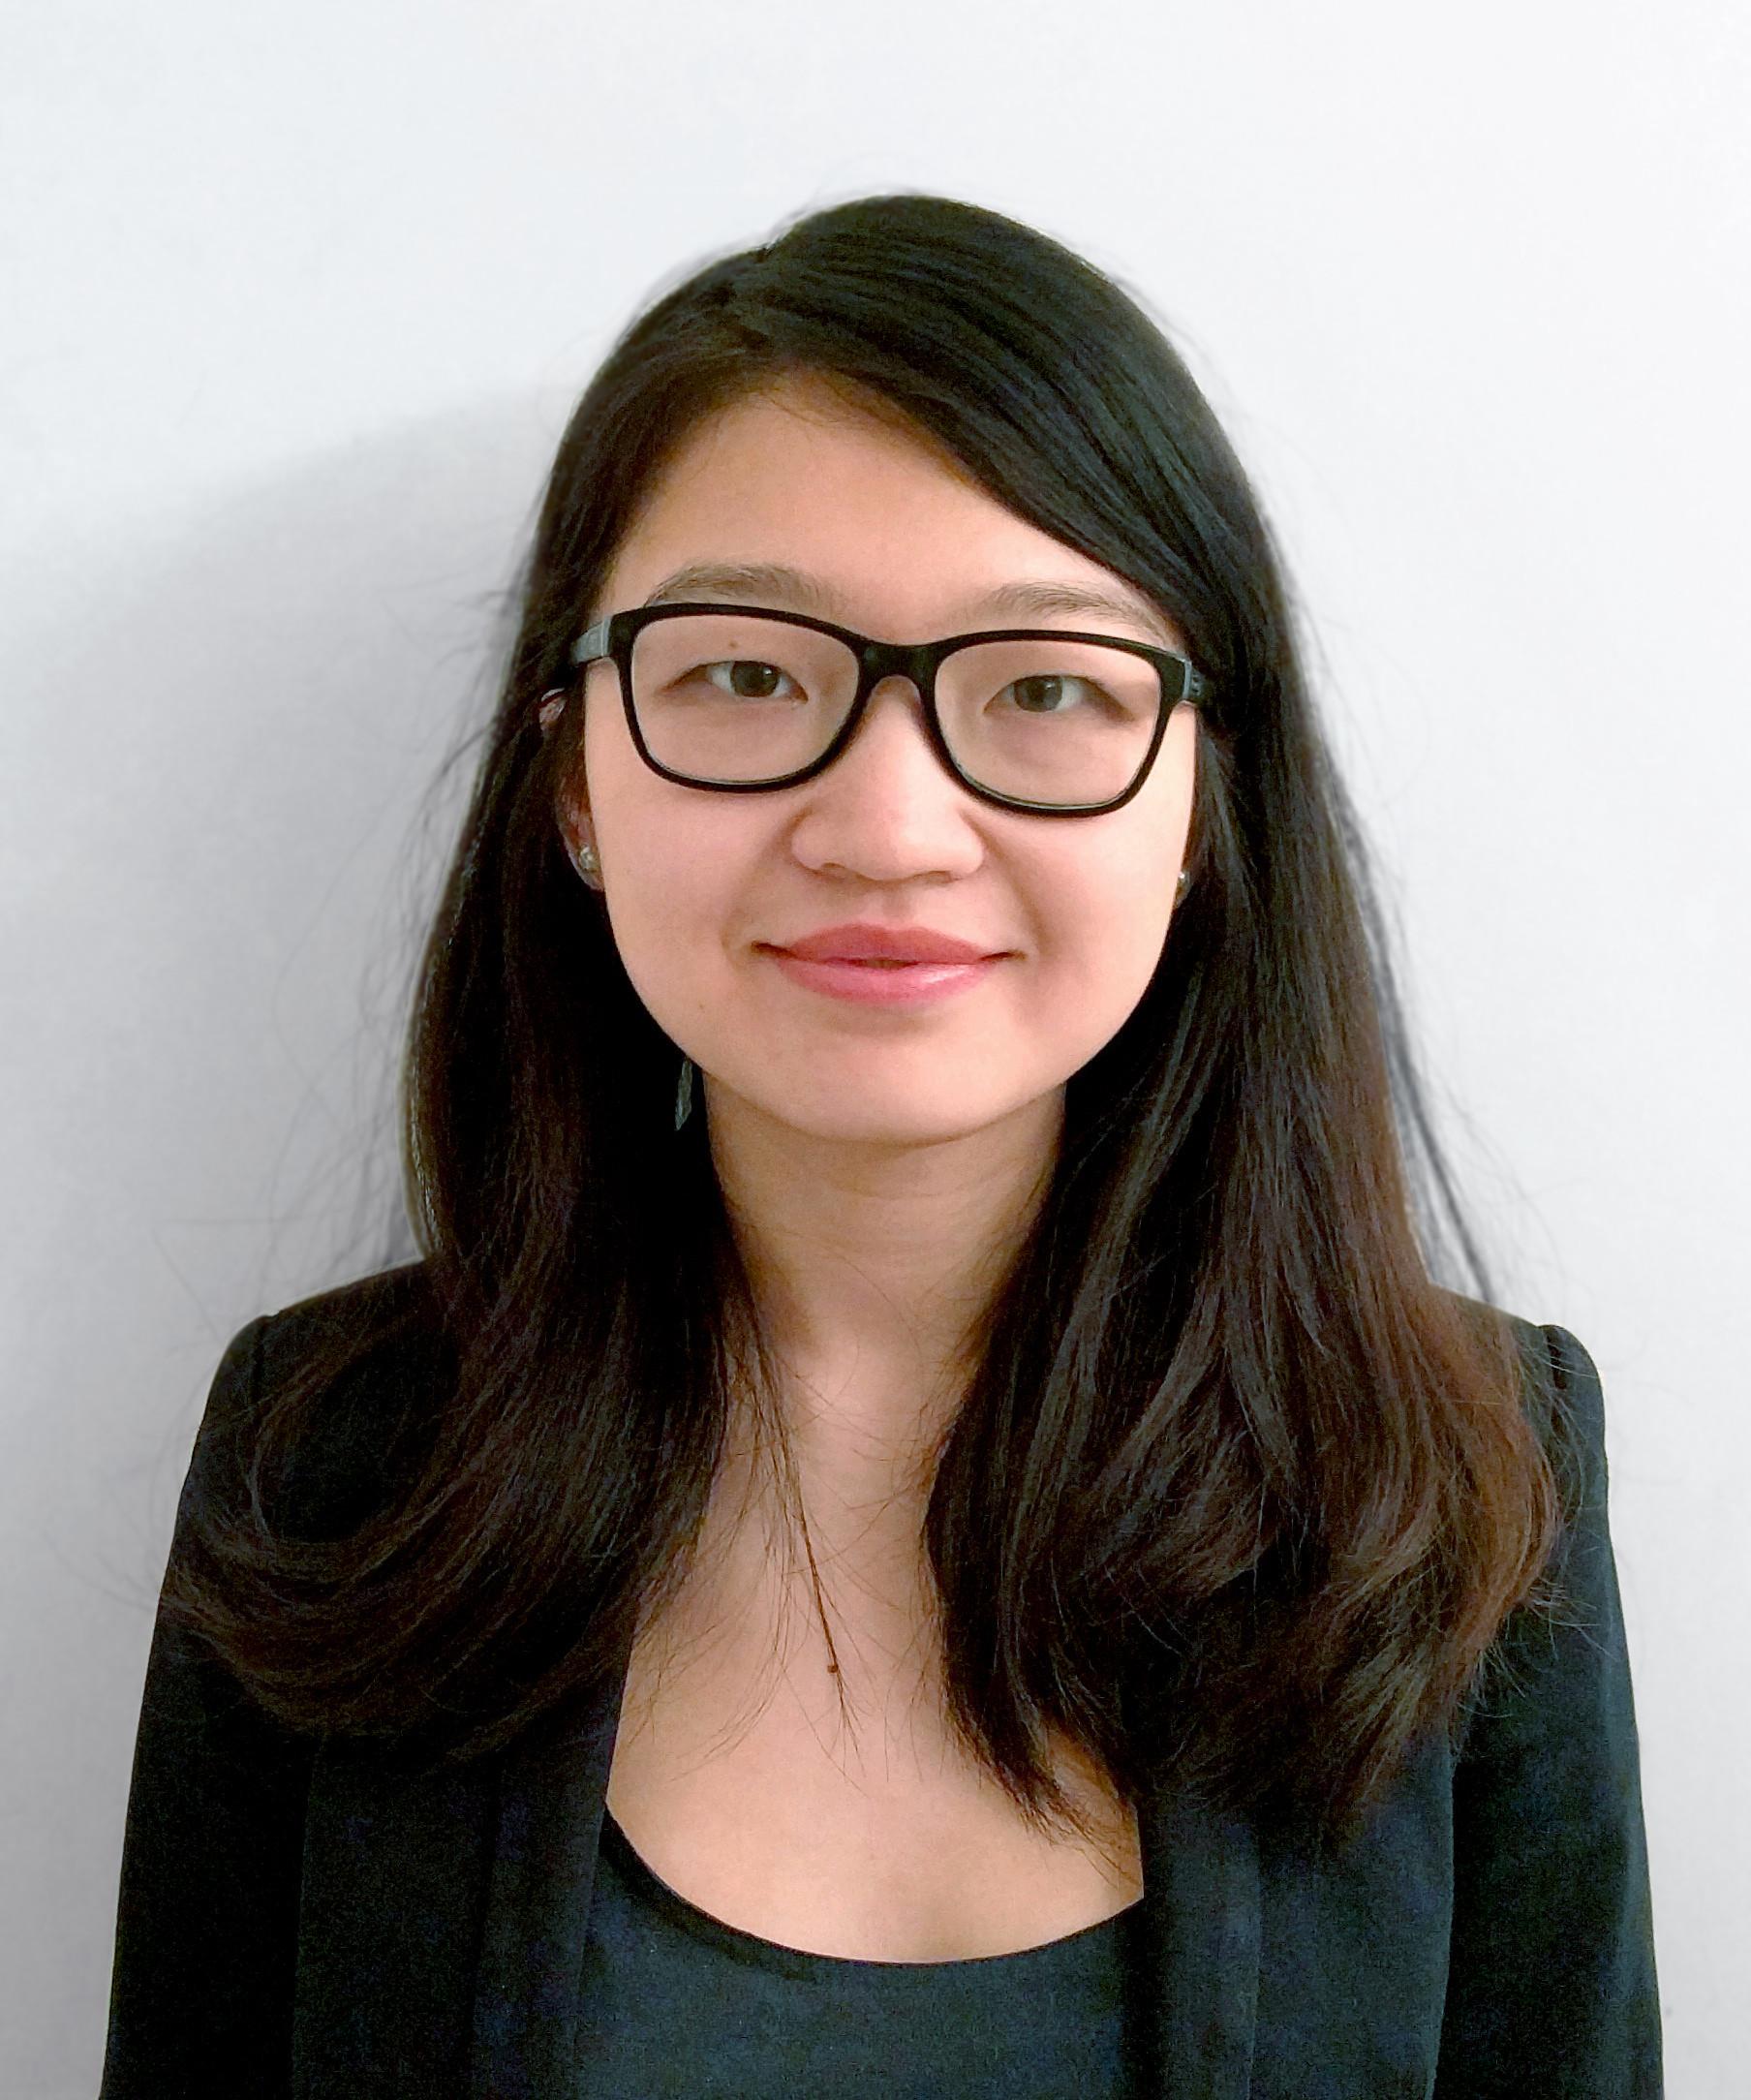 Irene Xie